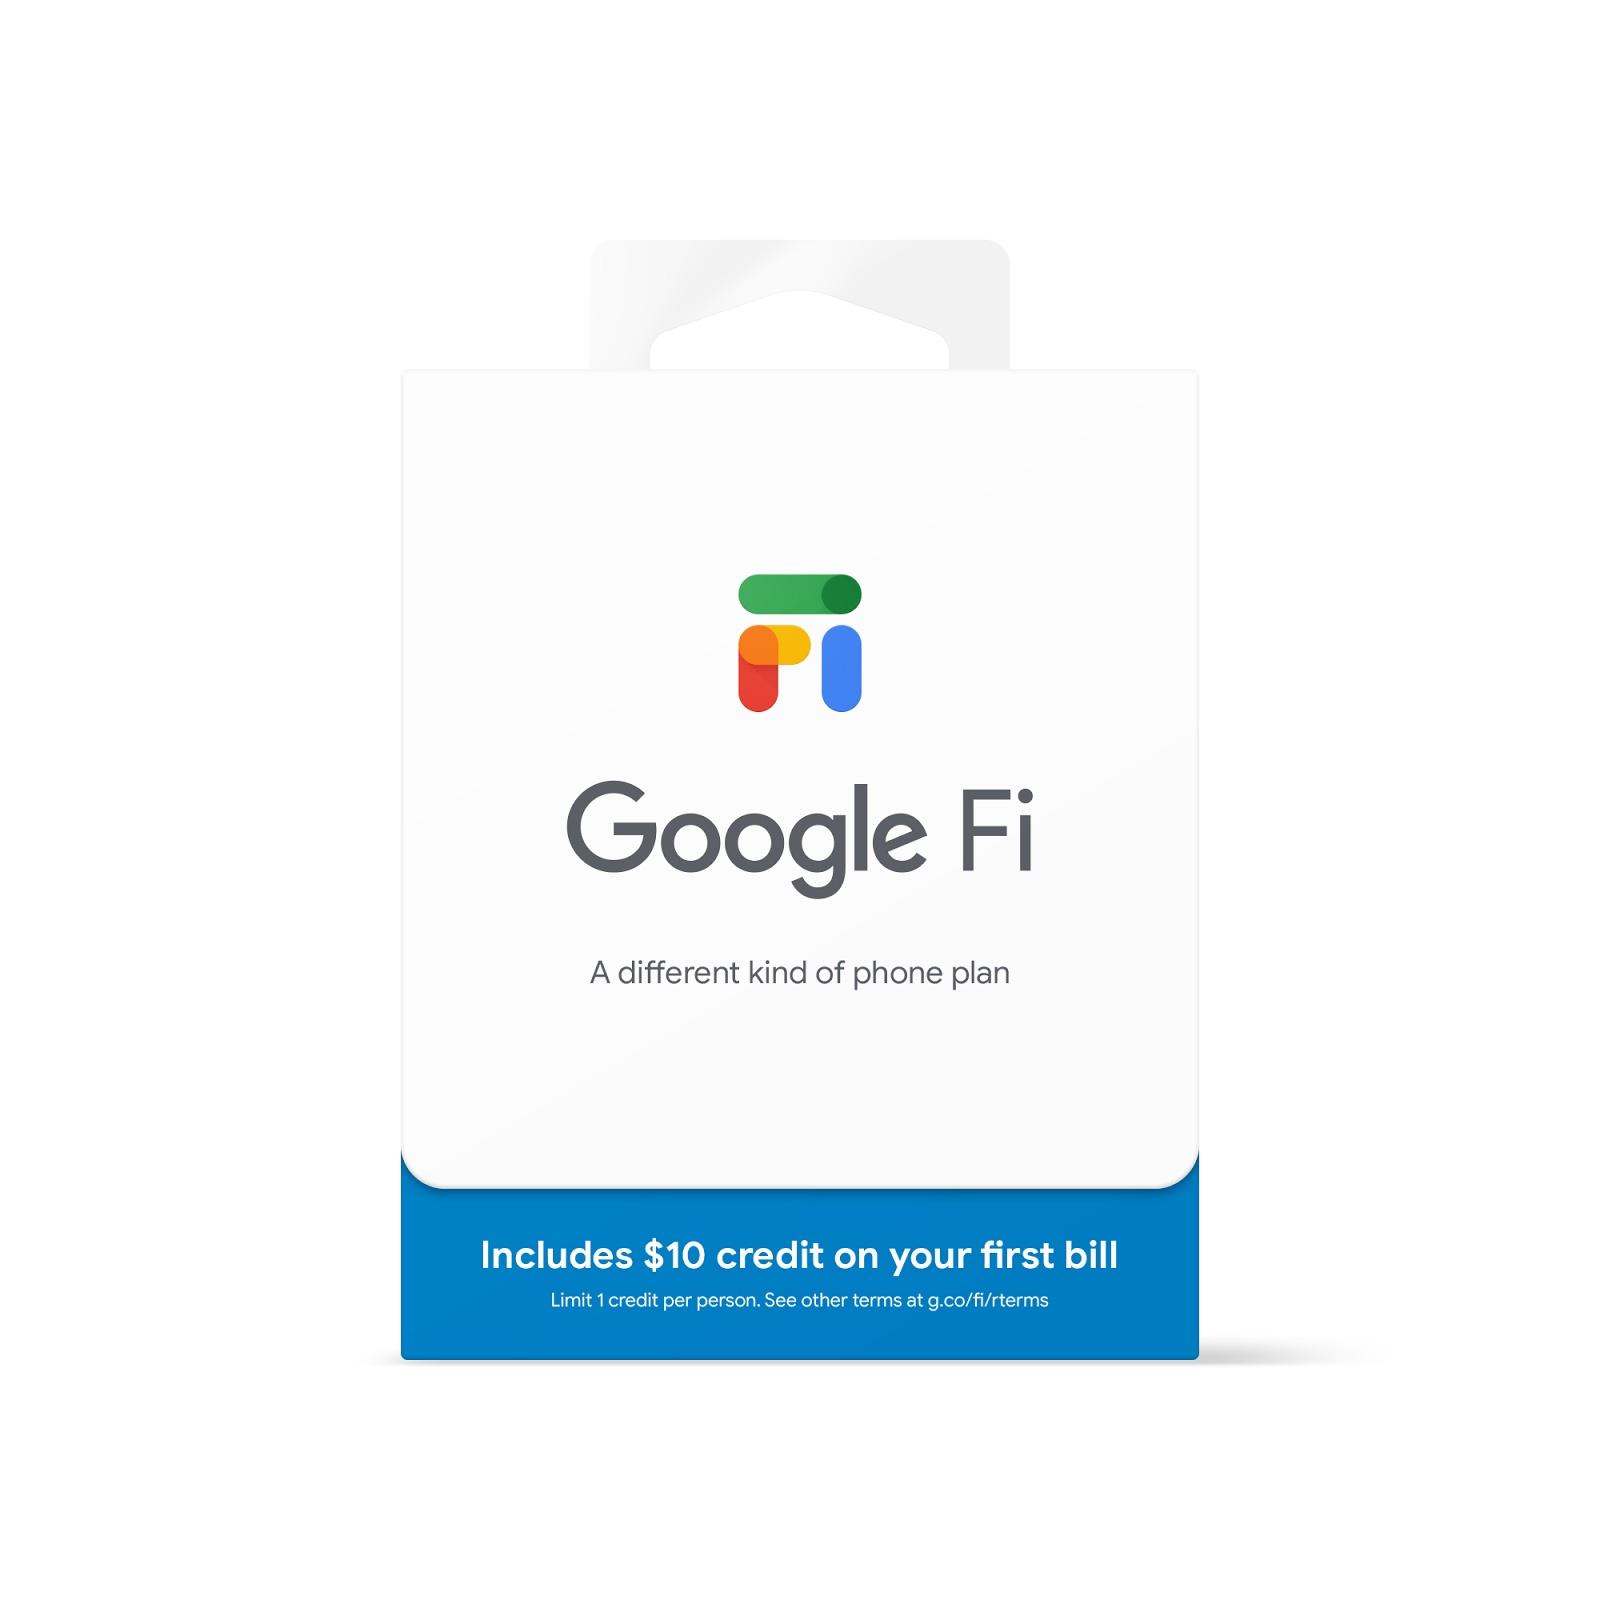 Google Fi finalmente tiene un plan ilimitado